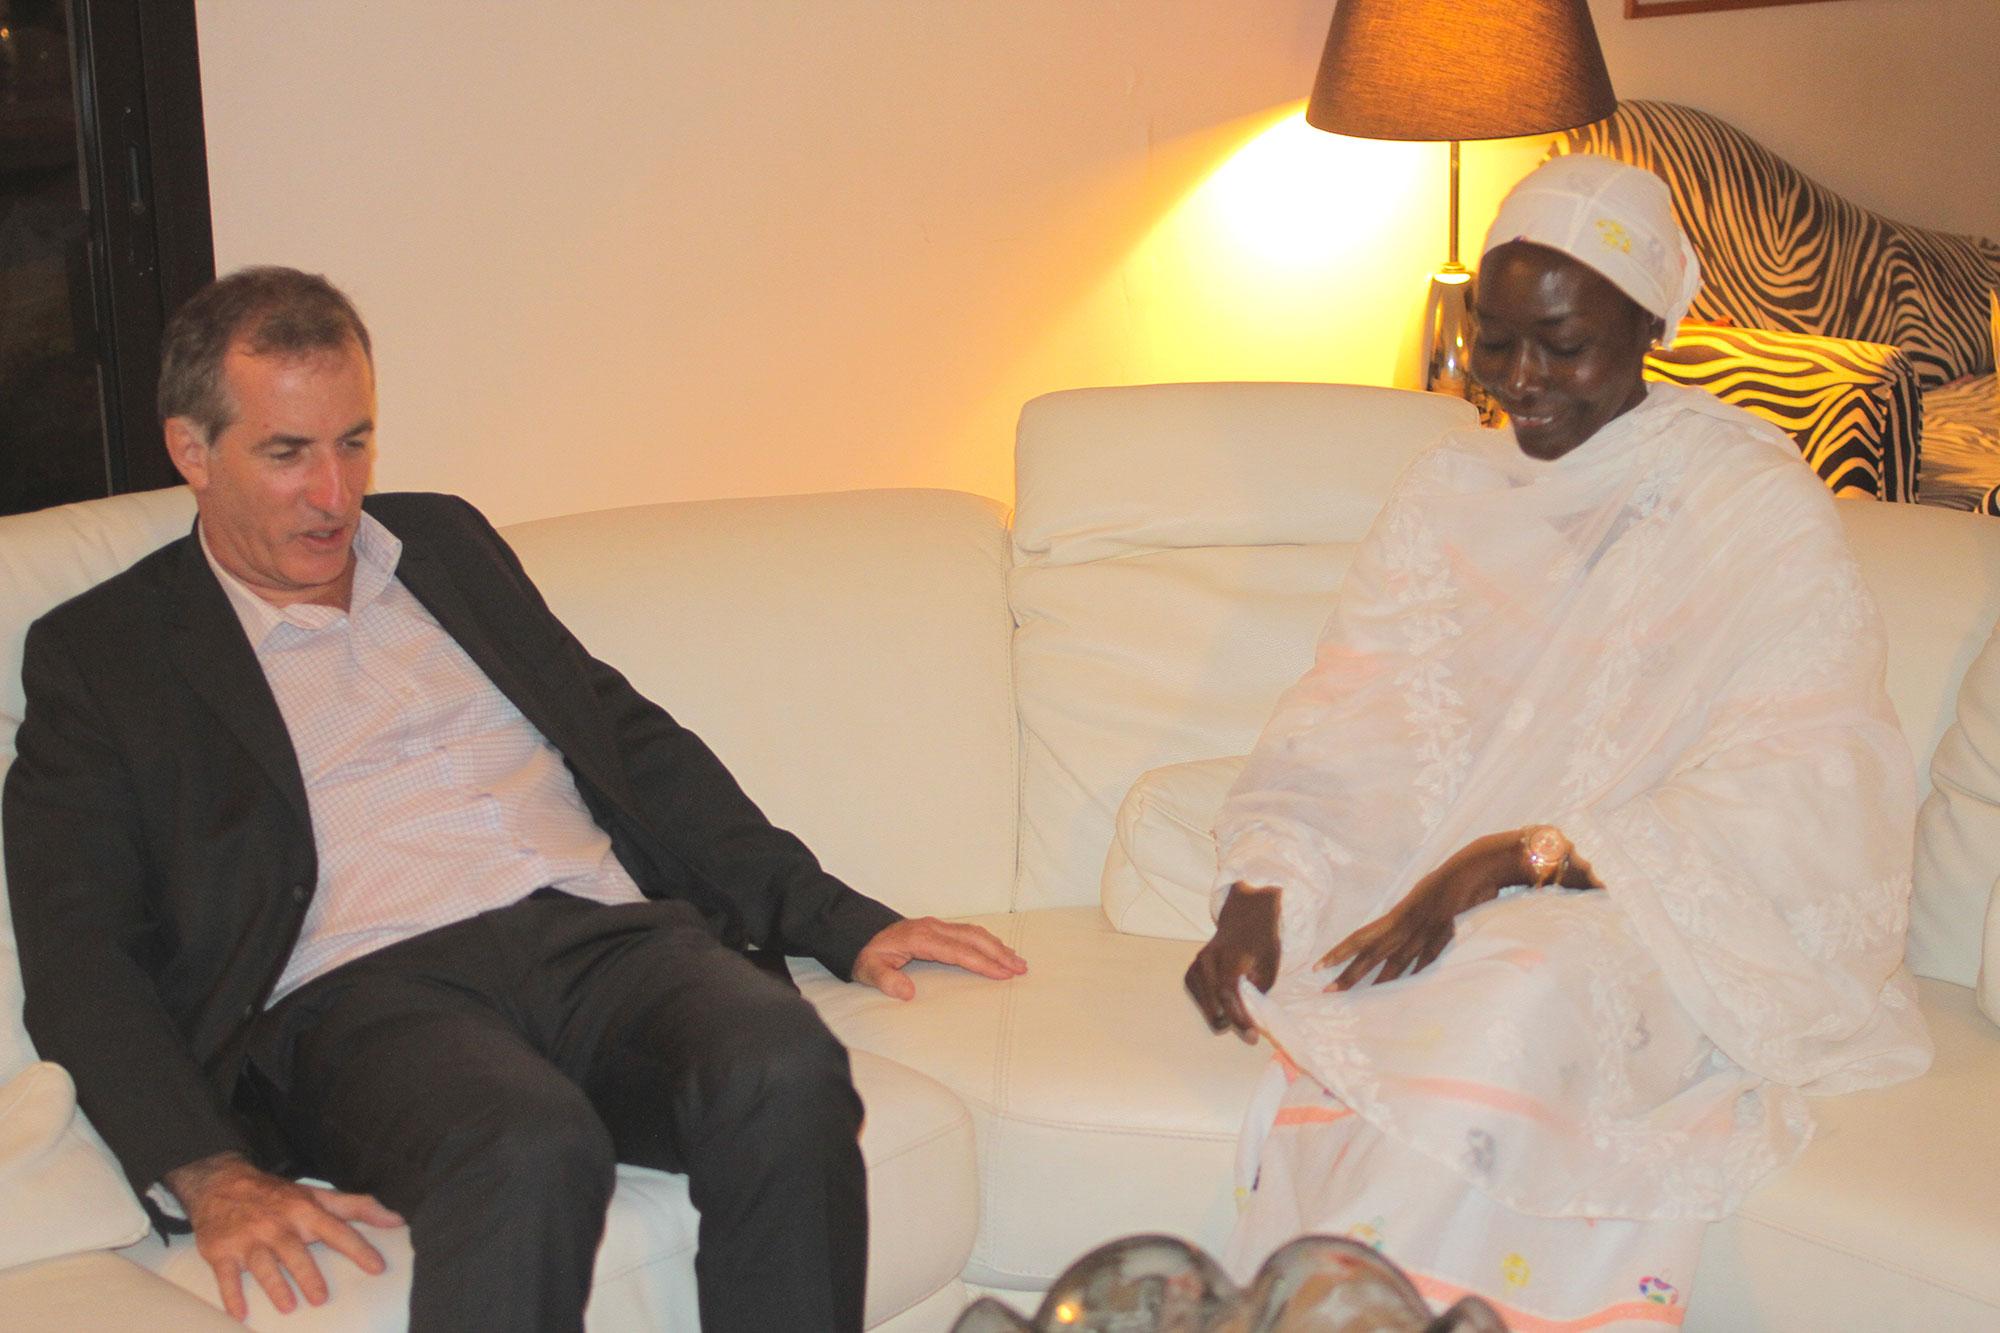 SEM Christophe Bigot, l'Ambassadeur de la France au Sénégal, a présenté à ses condoléances à la chanteuse Coumba Gawlo Seck